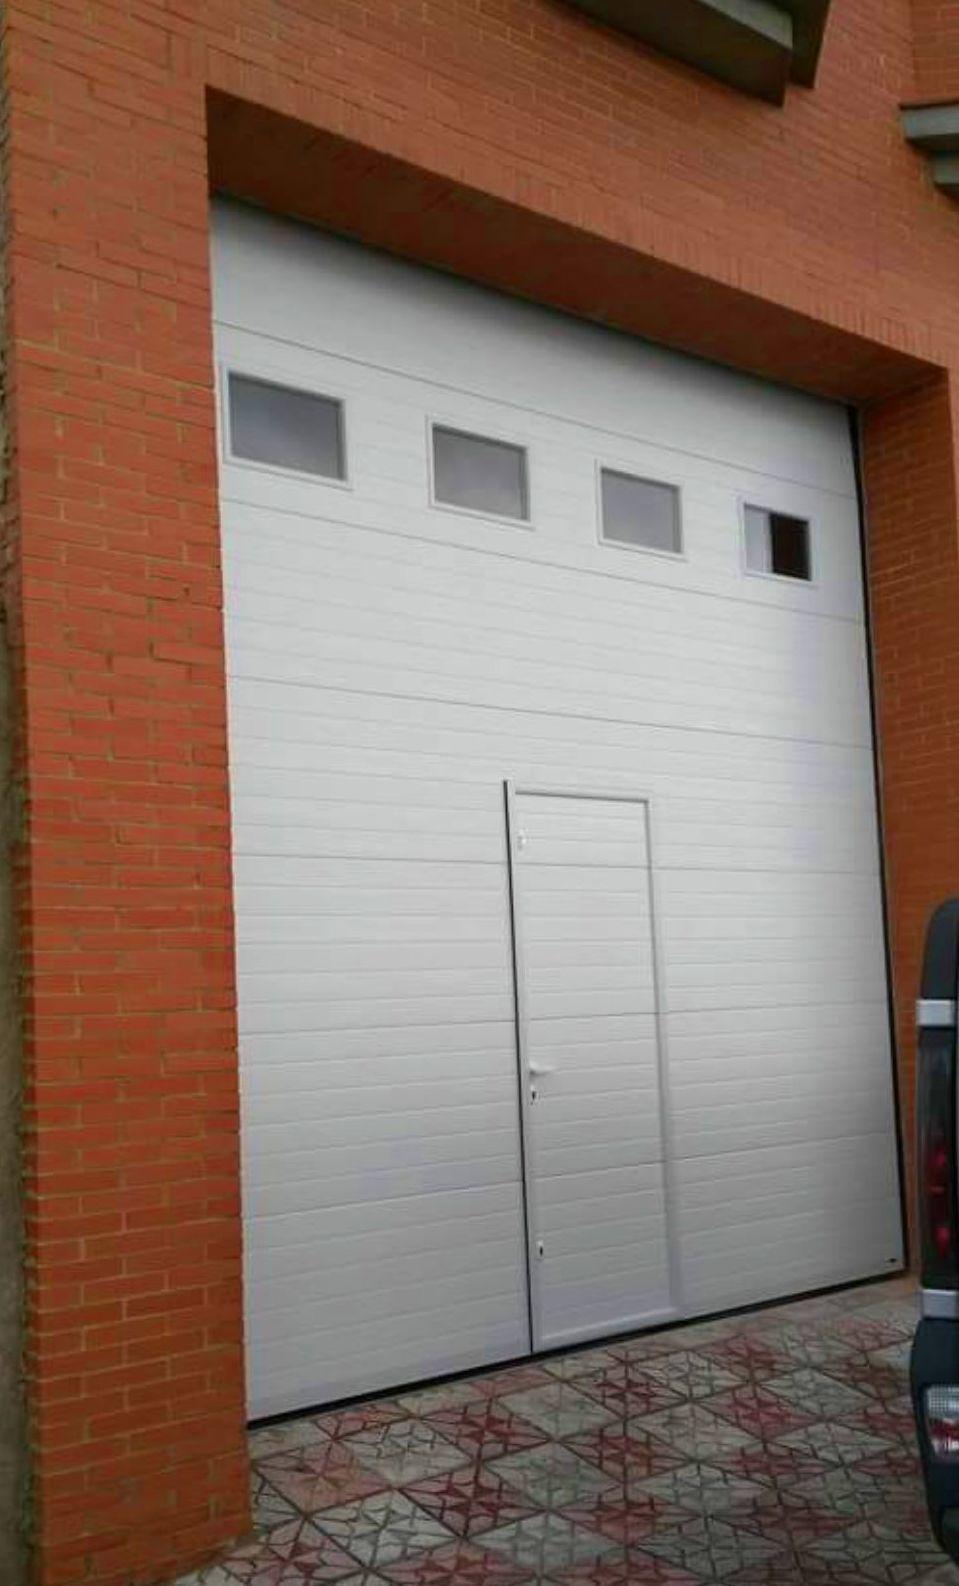 Puerta seccional blanca con ventanas traslucidas